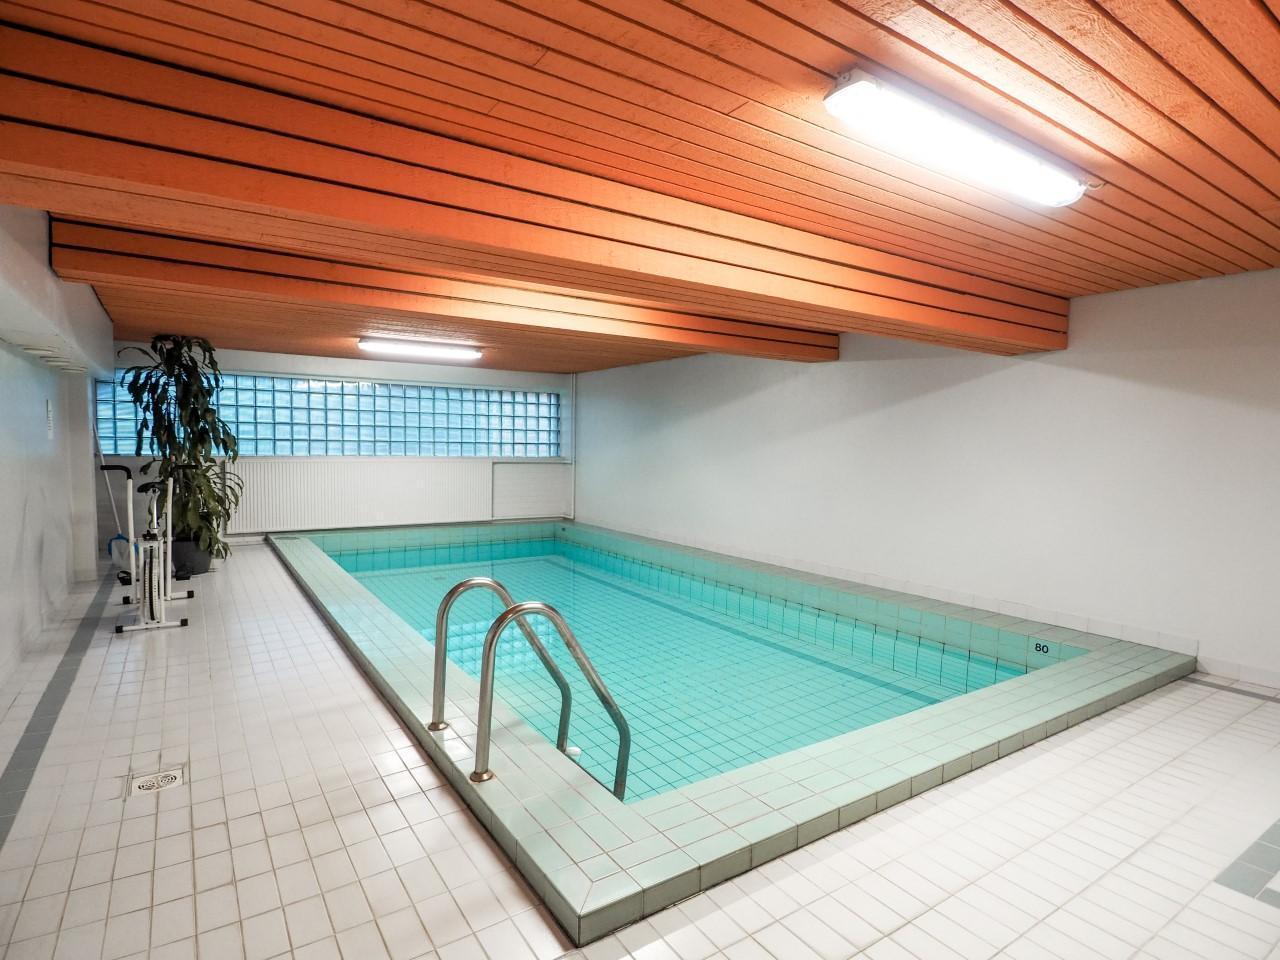 Taloyhtiön uima-allastila